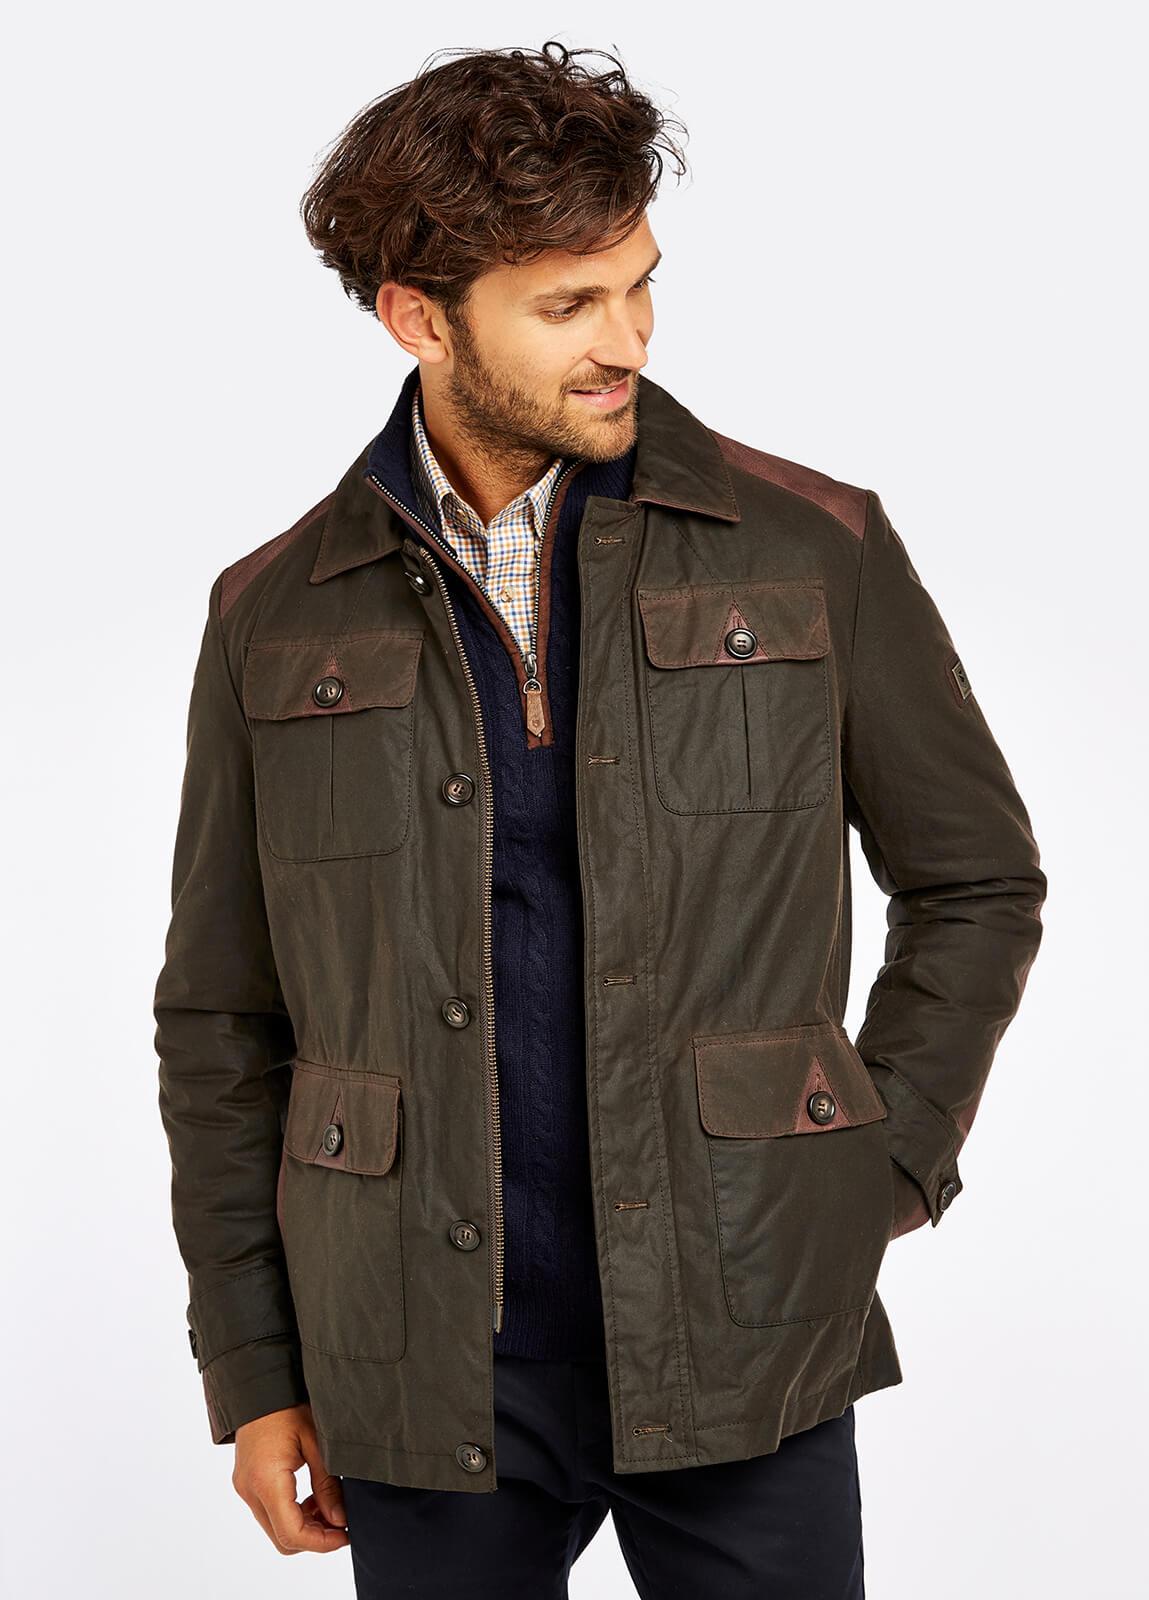 Broadford Wax Jacket - Olive